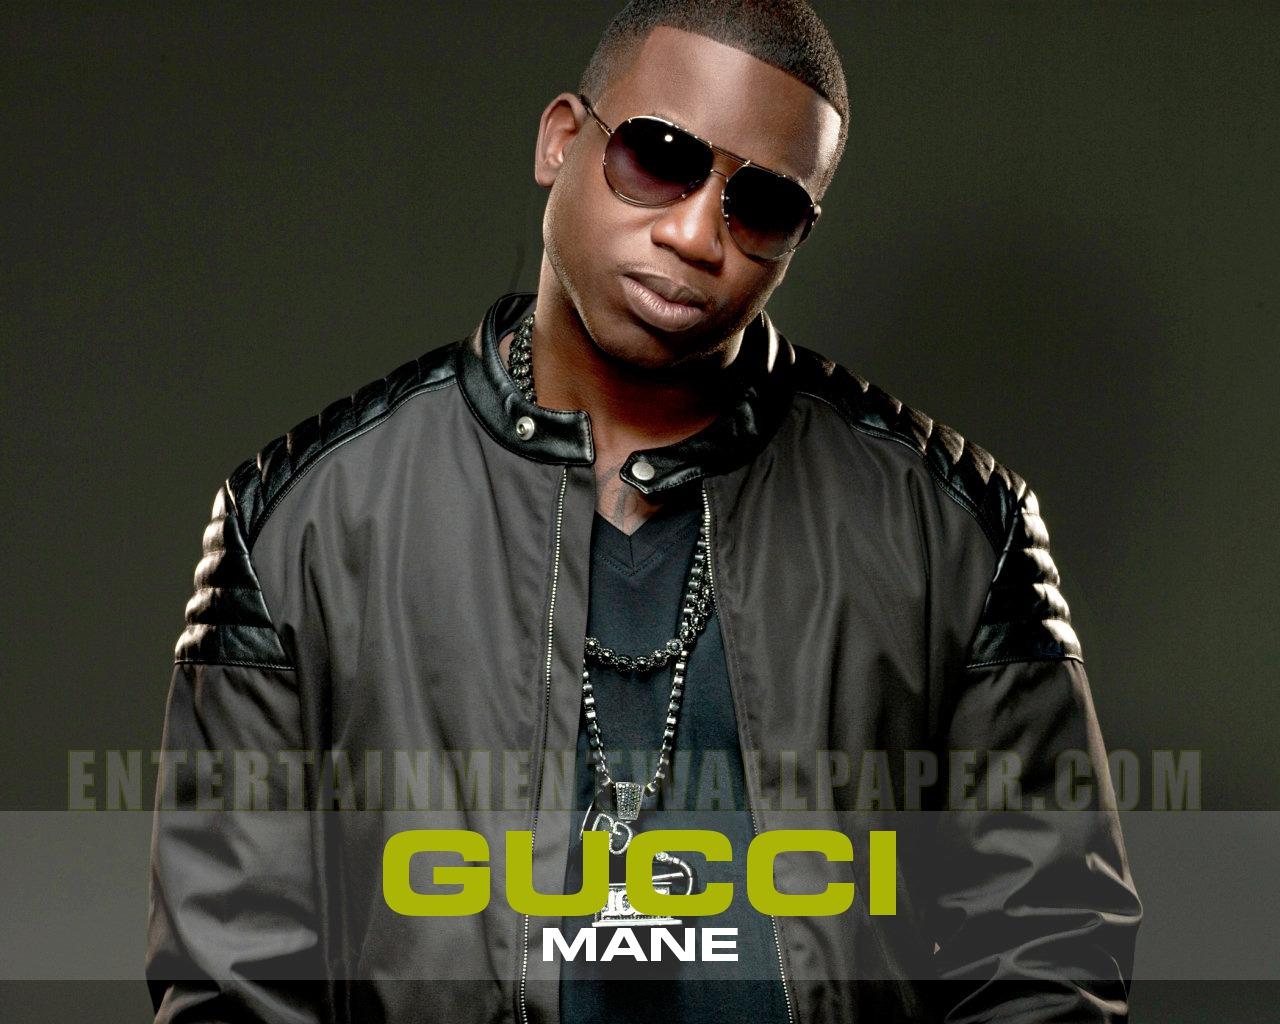 Gucci Mane Wallpaper   40028398 1280x1024 Desktop Download page 1280x1024